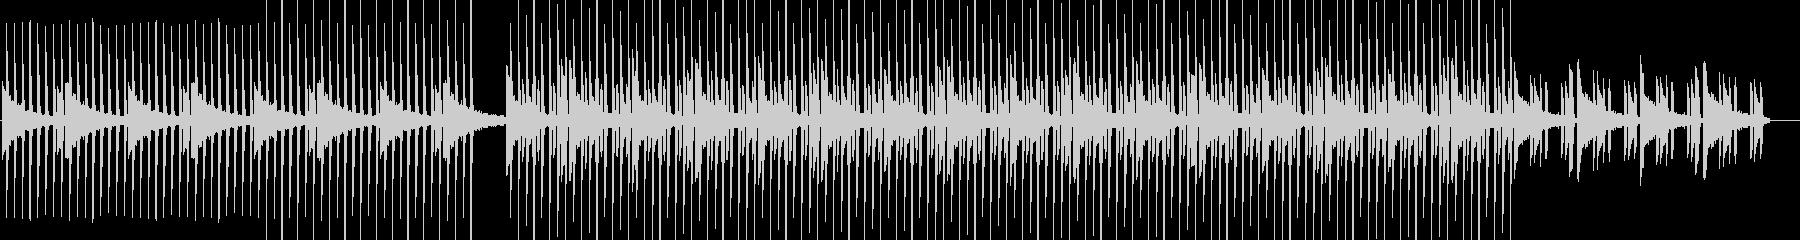 【チルアウト】アンビエント/ ハウスの未再生の波形